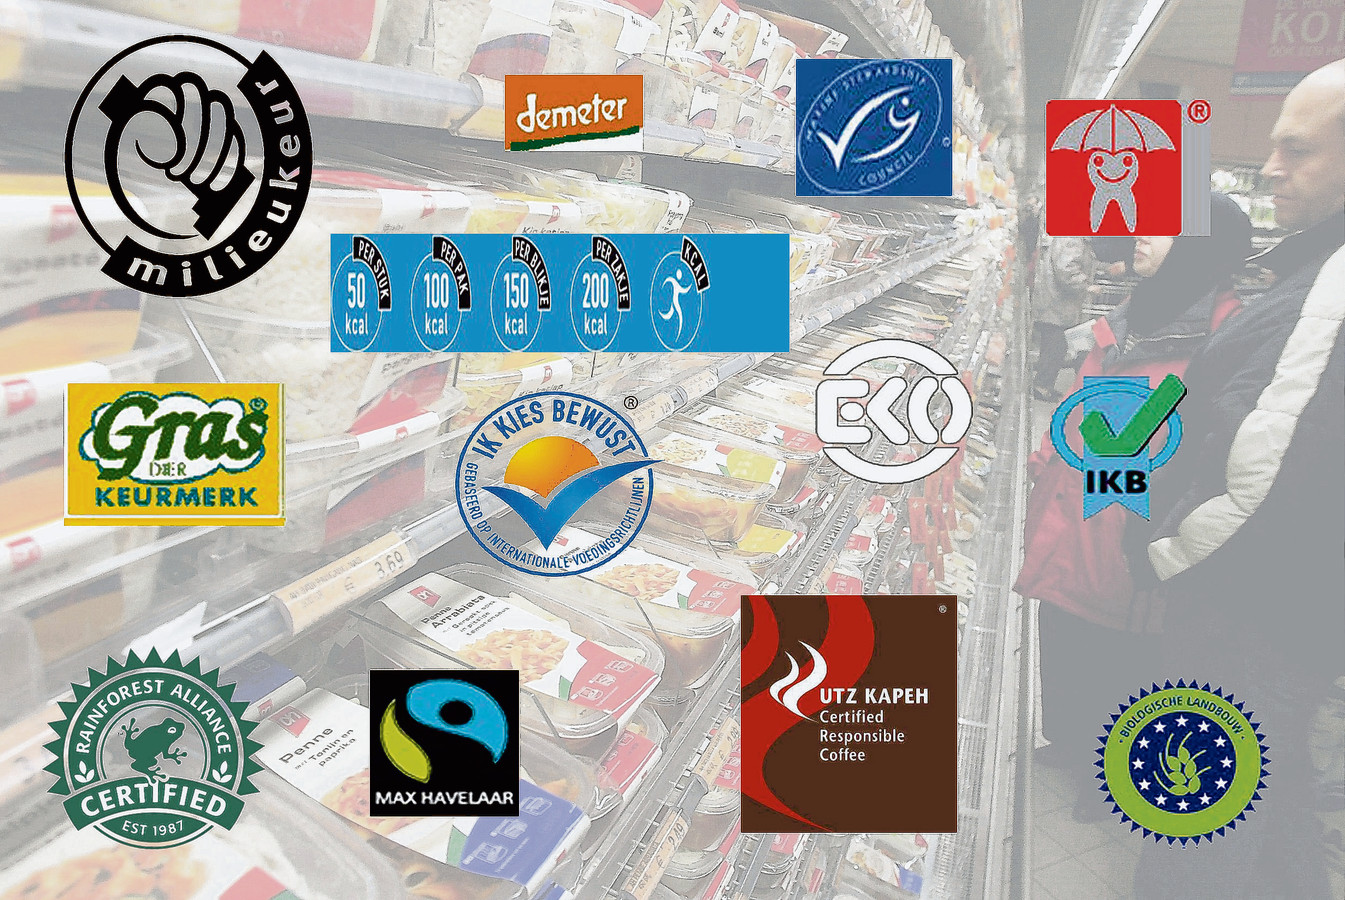 Keurmerken in de winkel moeten ook online bij producten worden vermeld, meent Bol.com